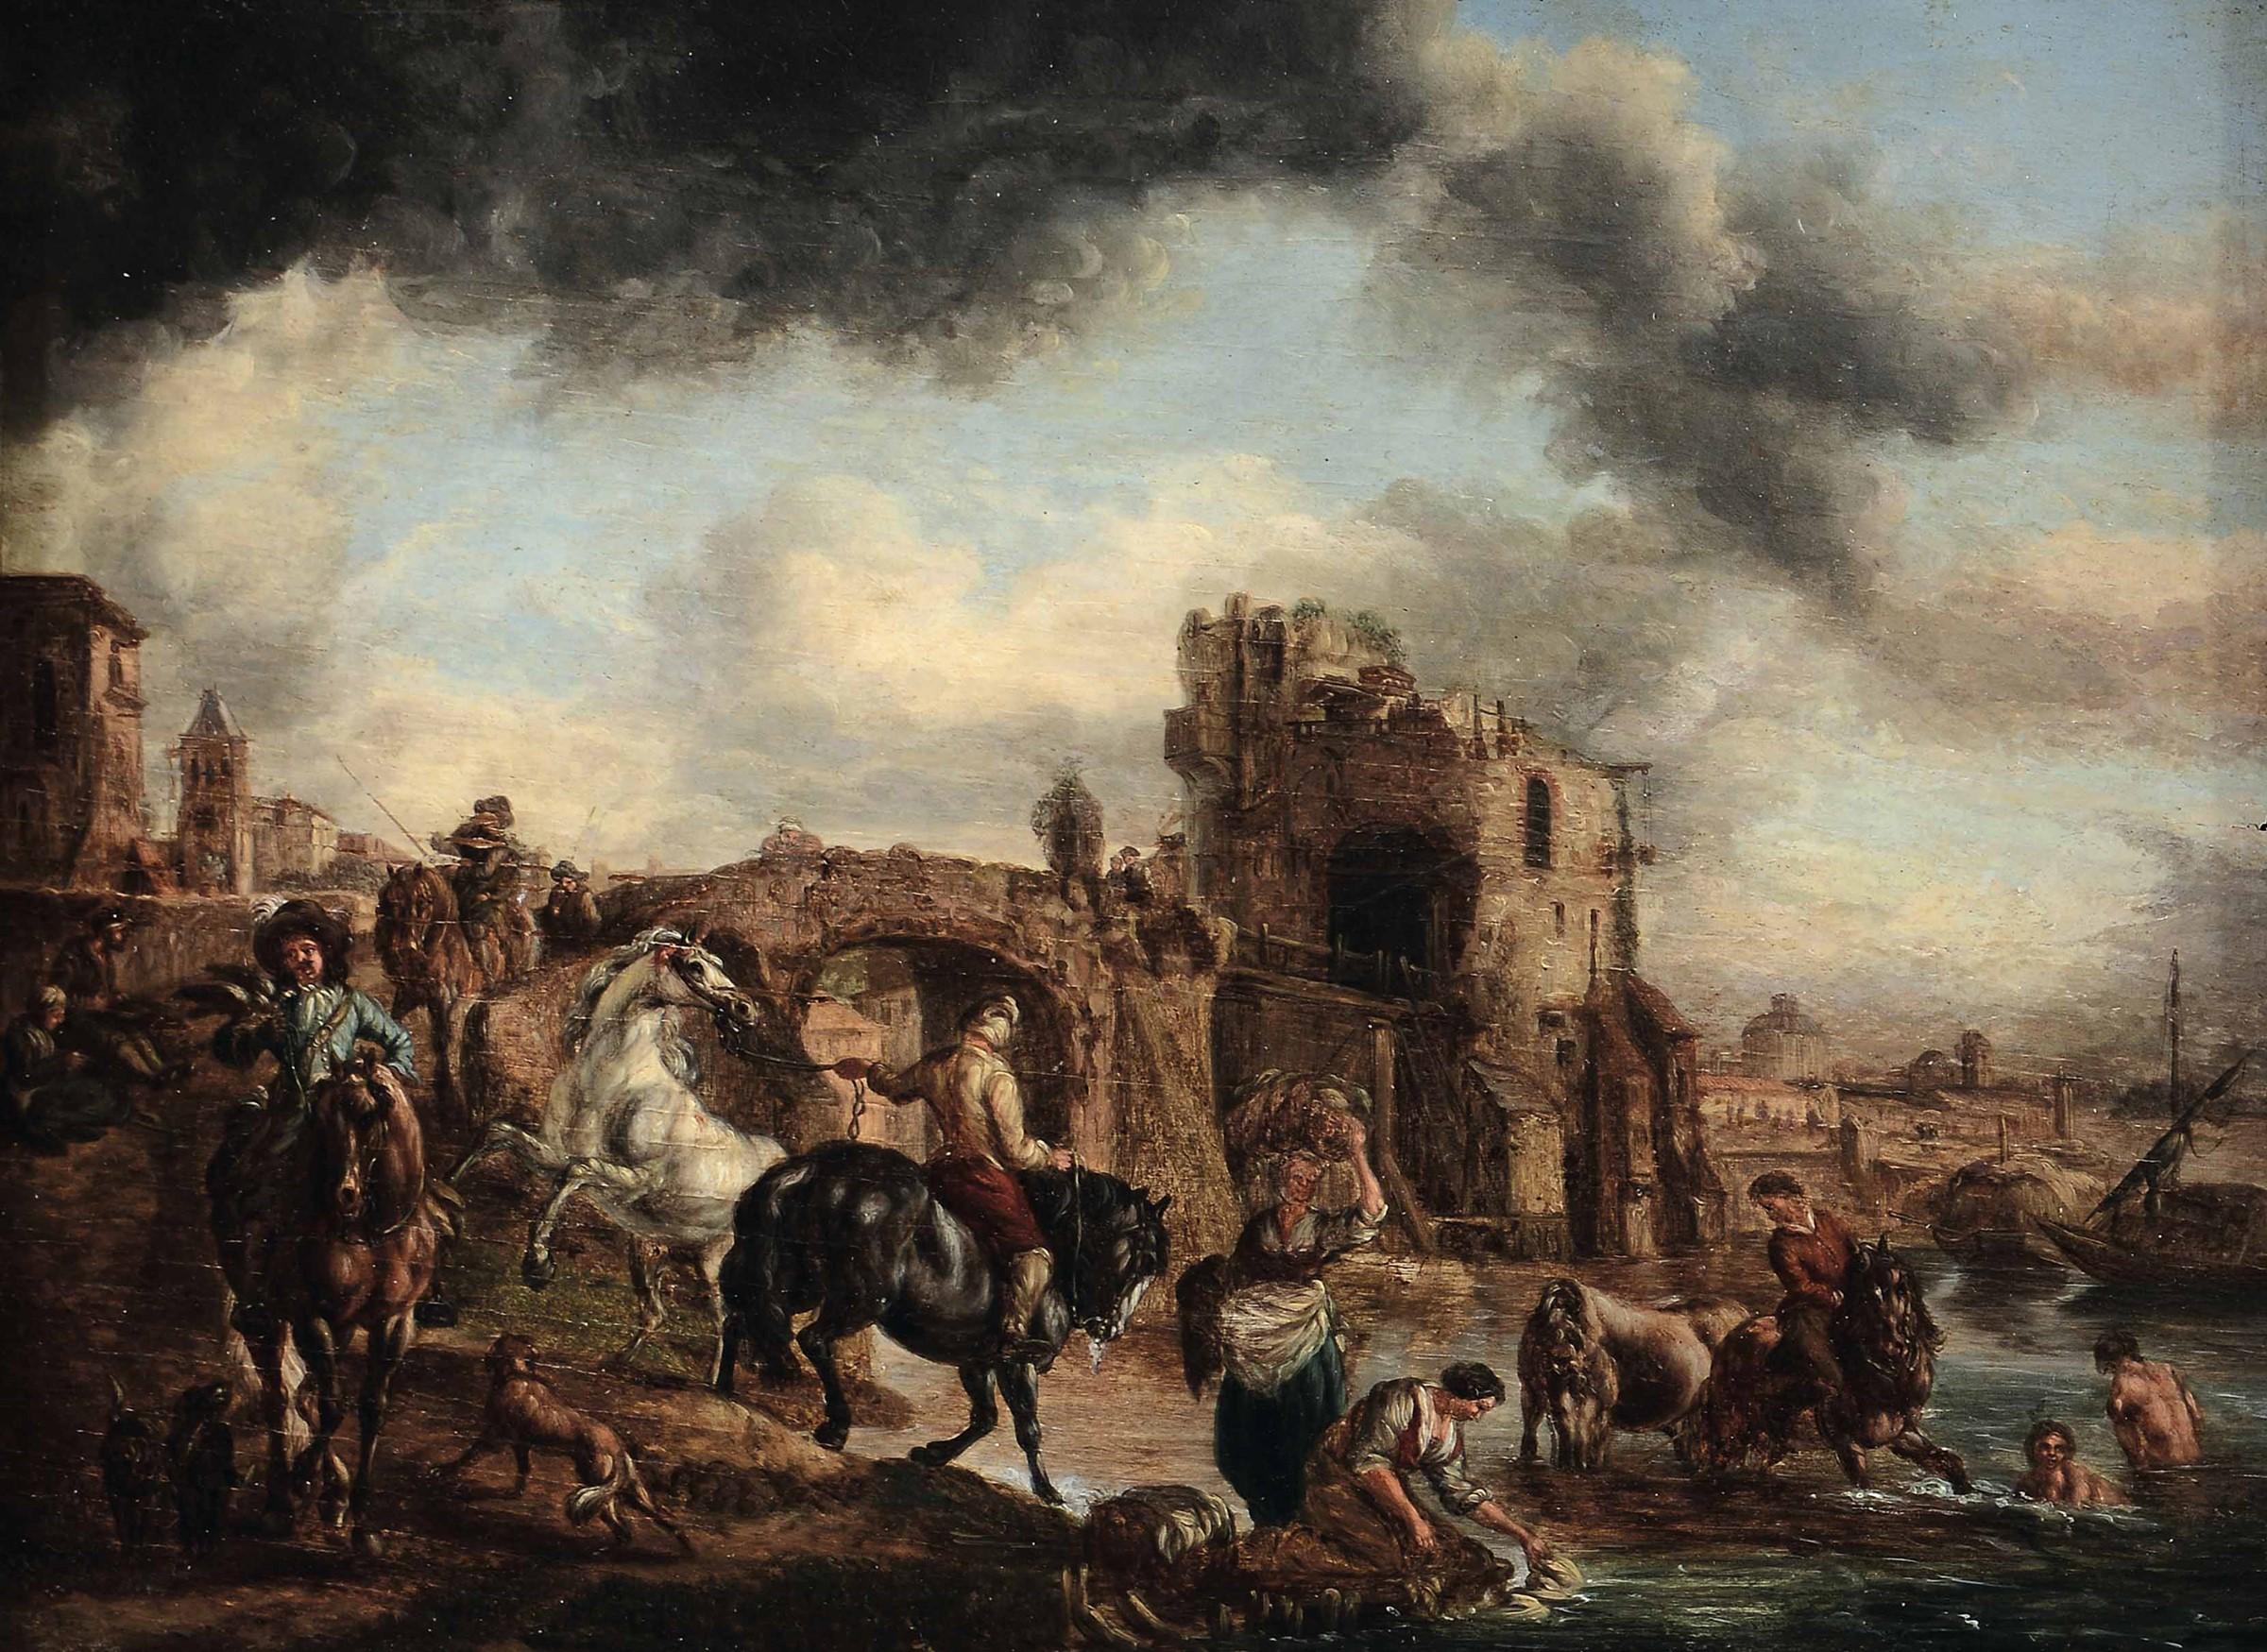 Scuola fiamminga del XVIII secolo, Paesaggi con personaggi a cavallo - coppia di [...] - Image 2 of 4